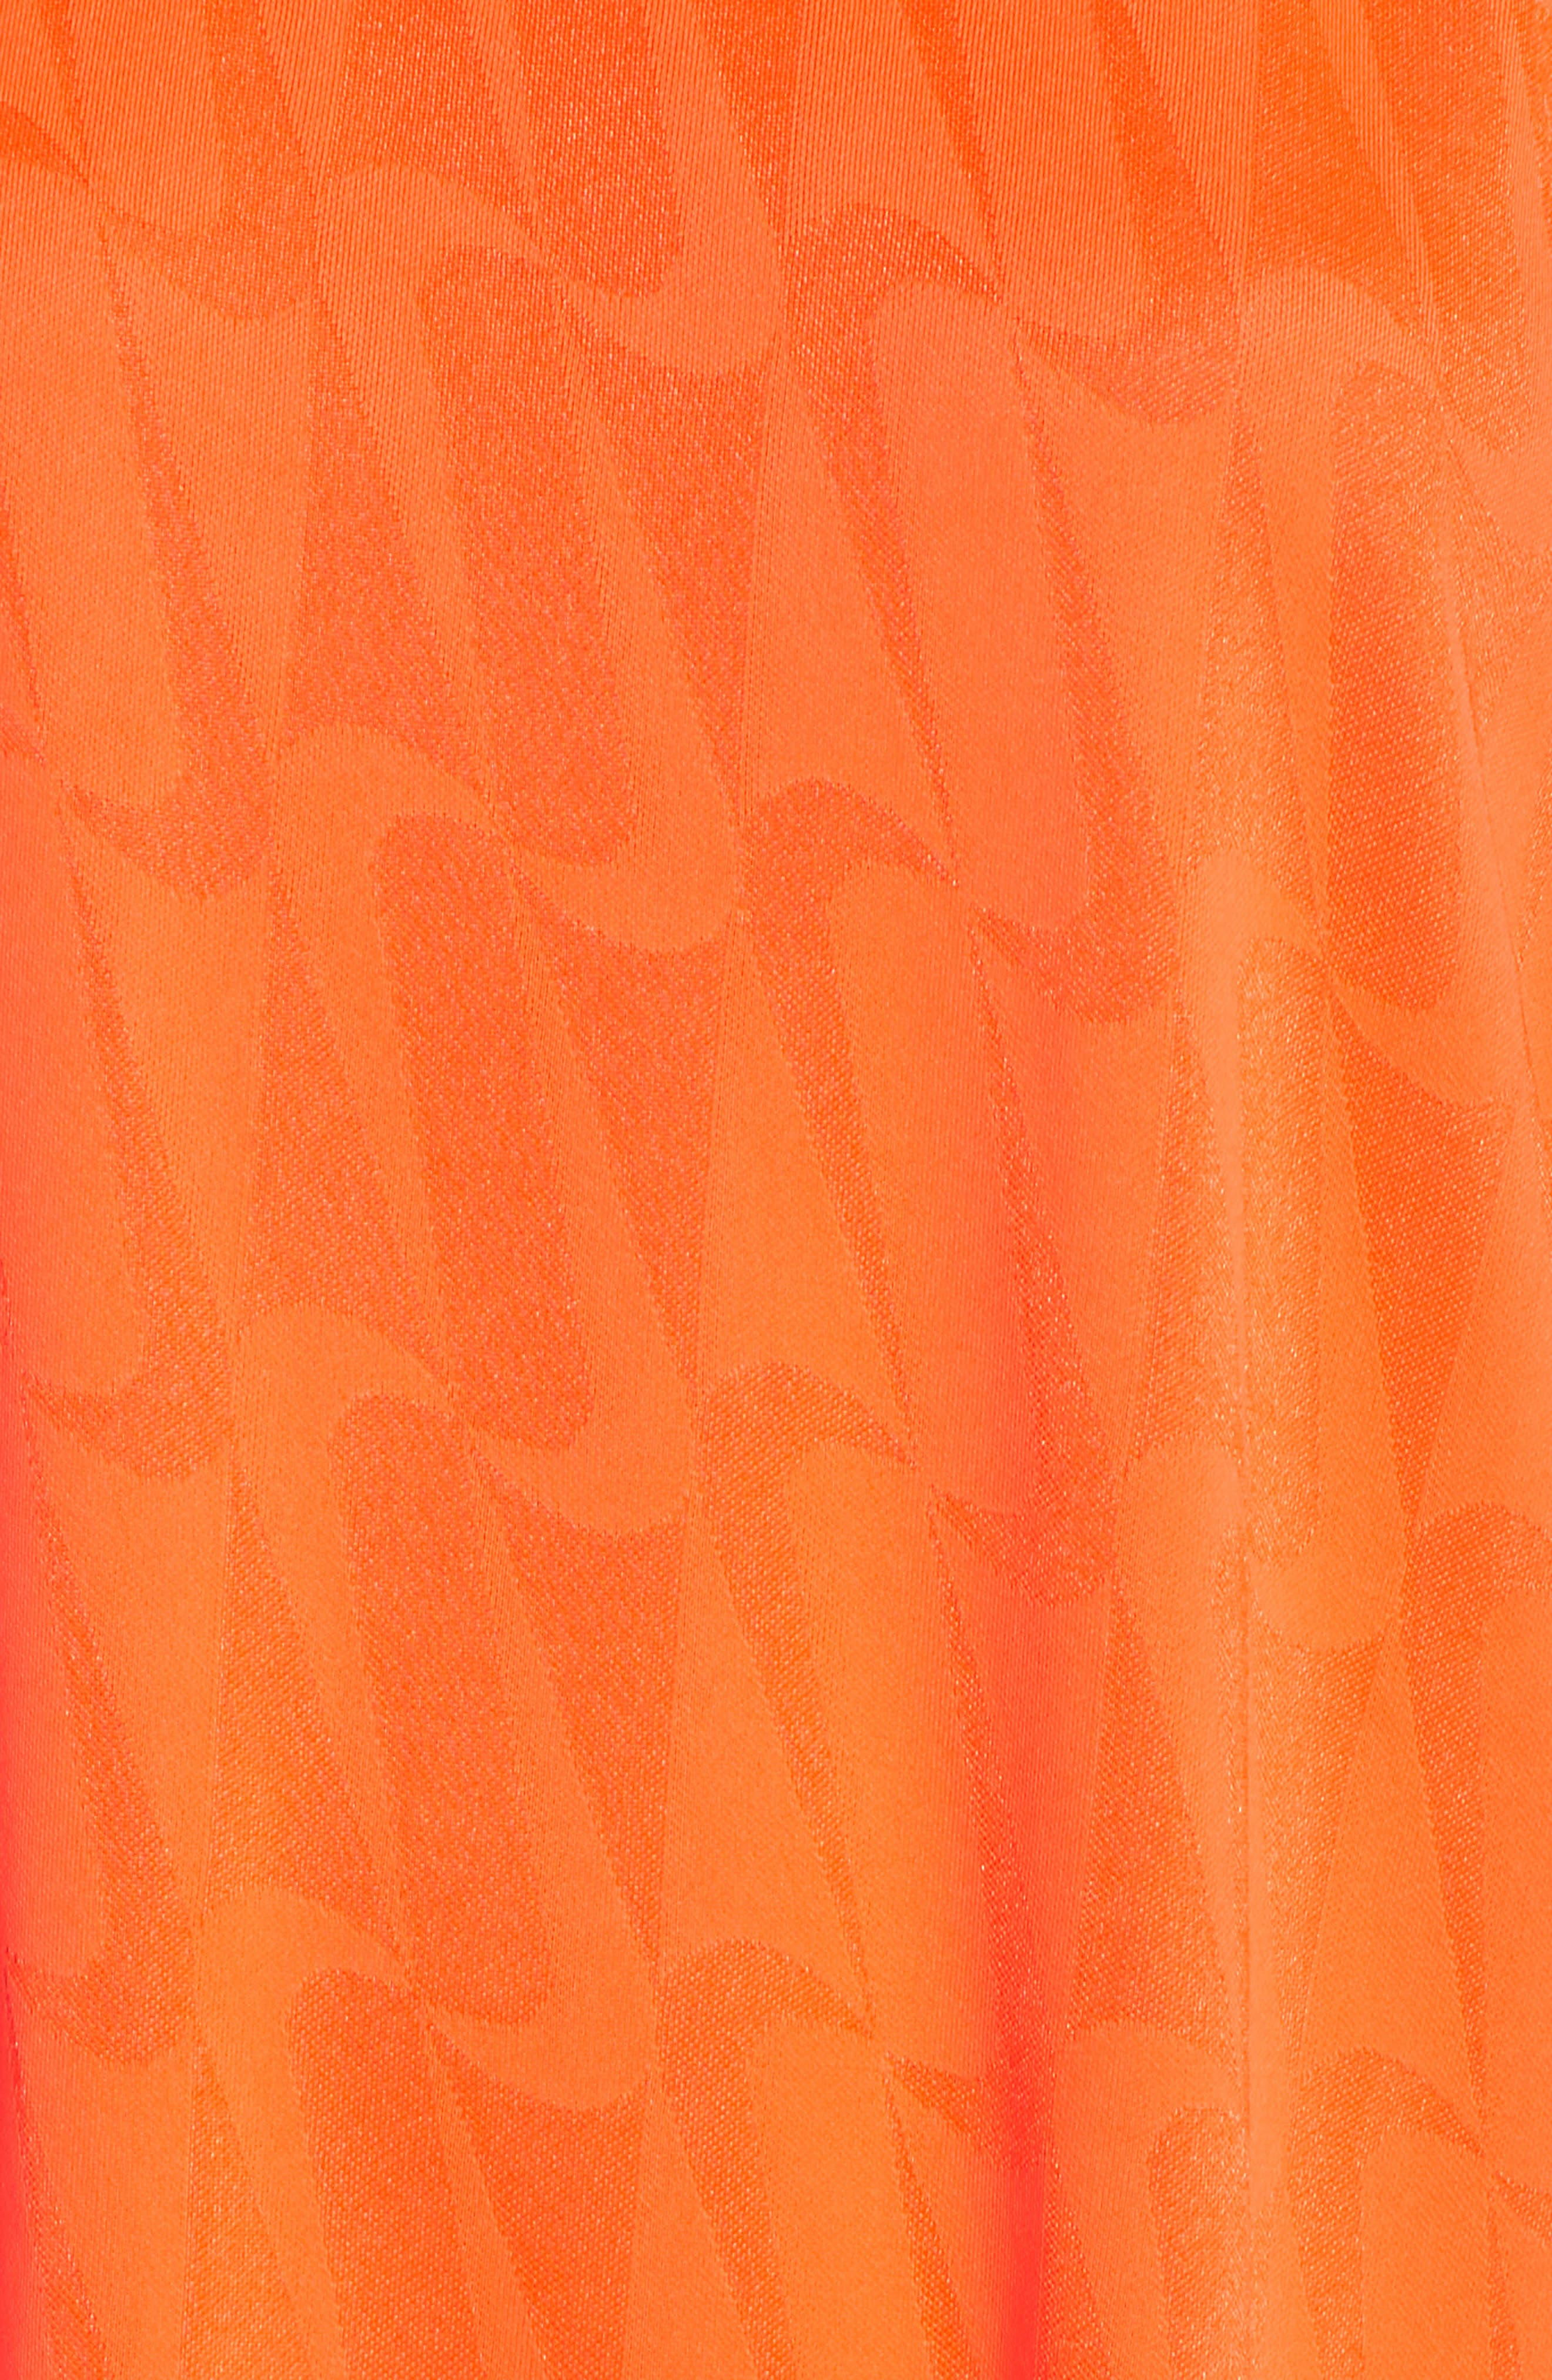 NRG Jersey Dress,                             Alternate thumbnail 6, color,                             HYPER CRIMSON